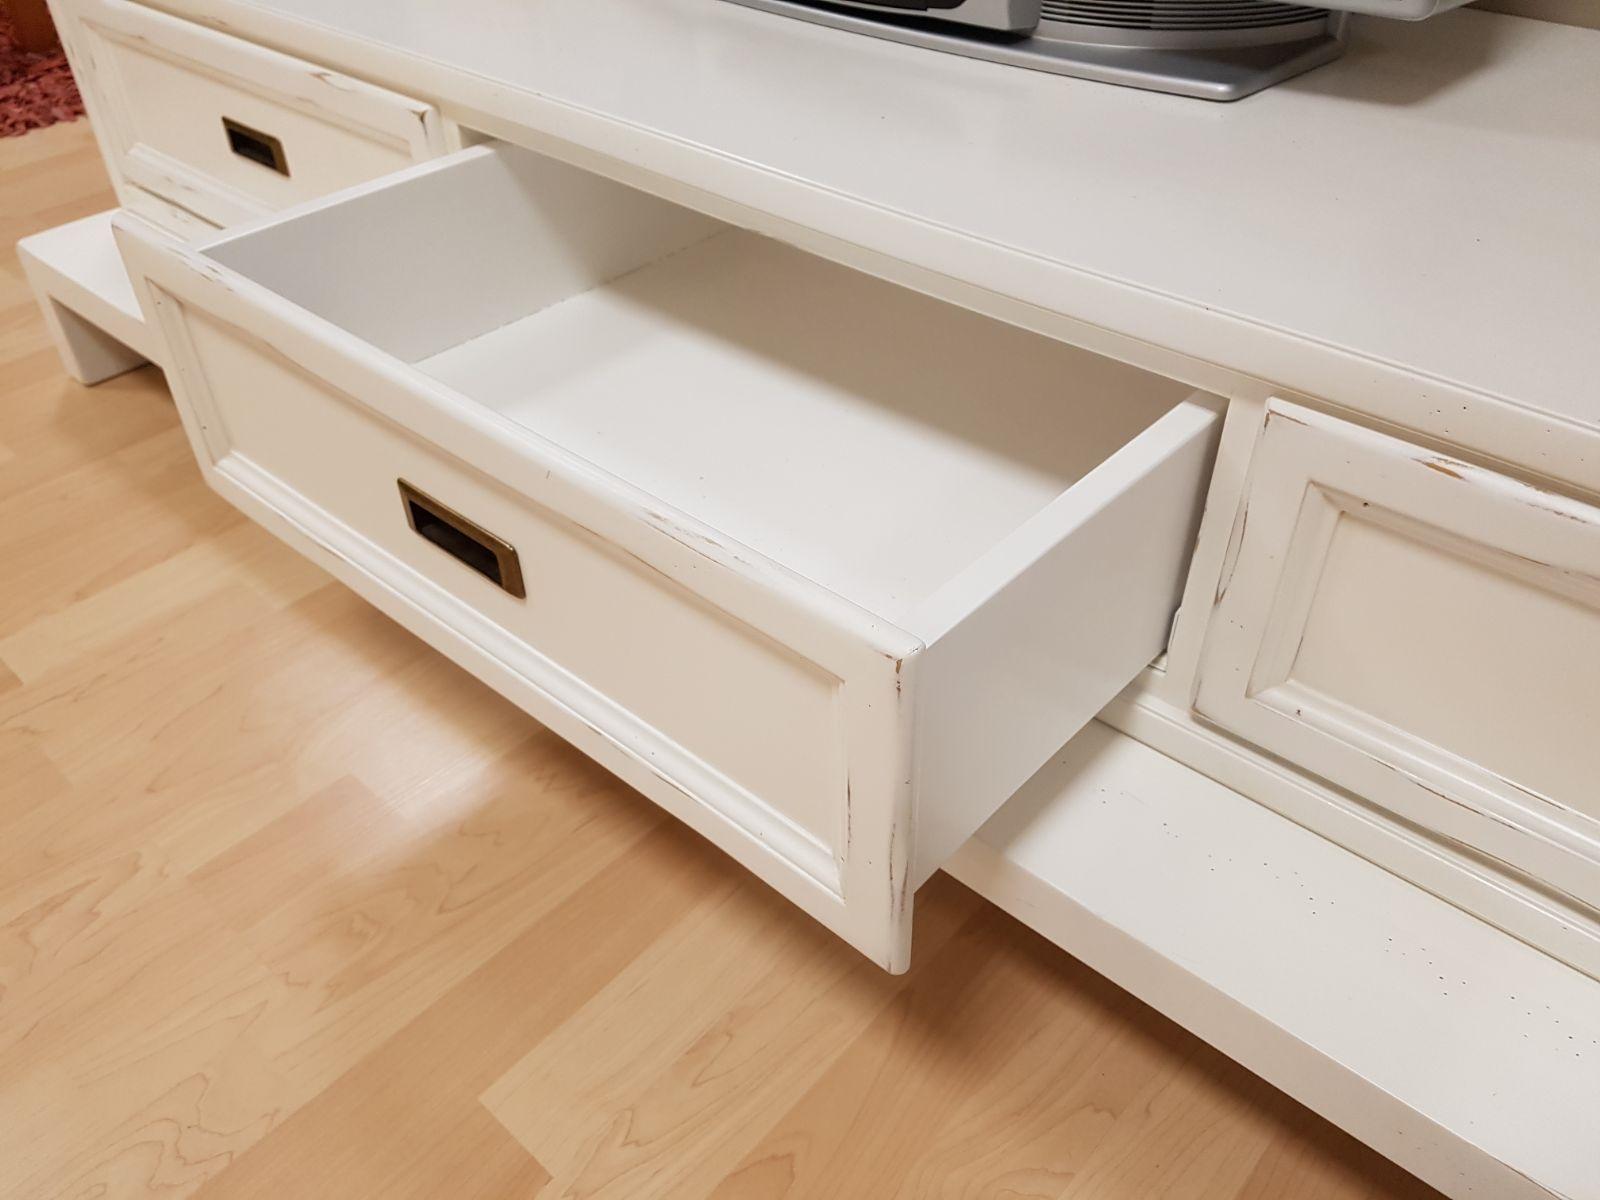 Soggiorno new classic in legno massello soggiorni a prezzi scontati - Soggiorni in legno ...